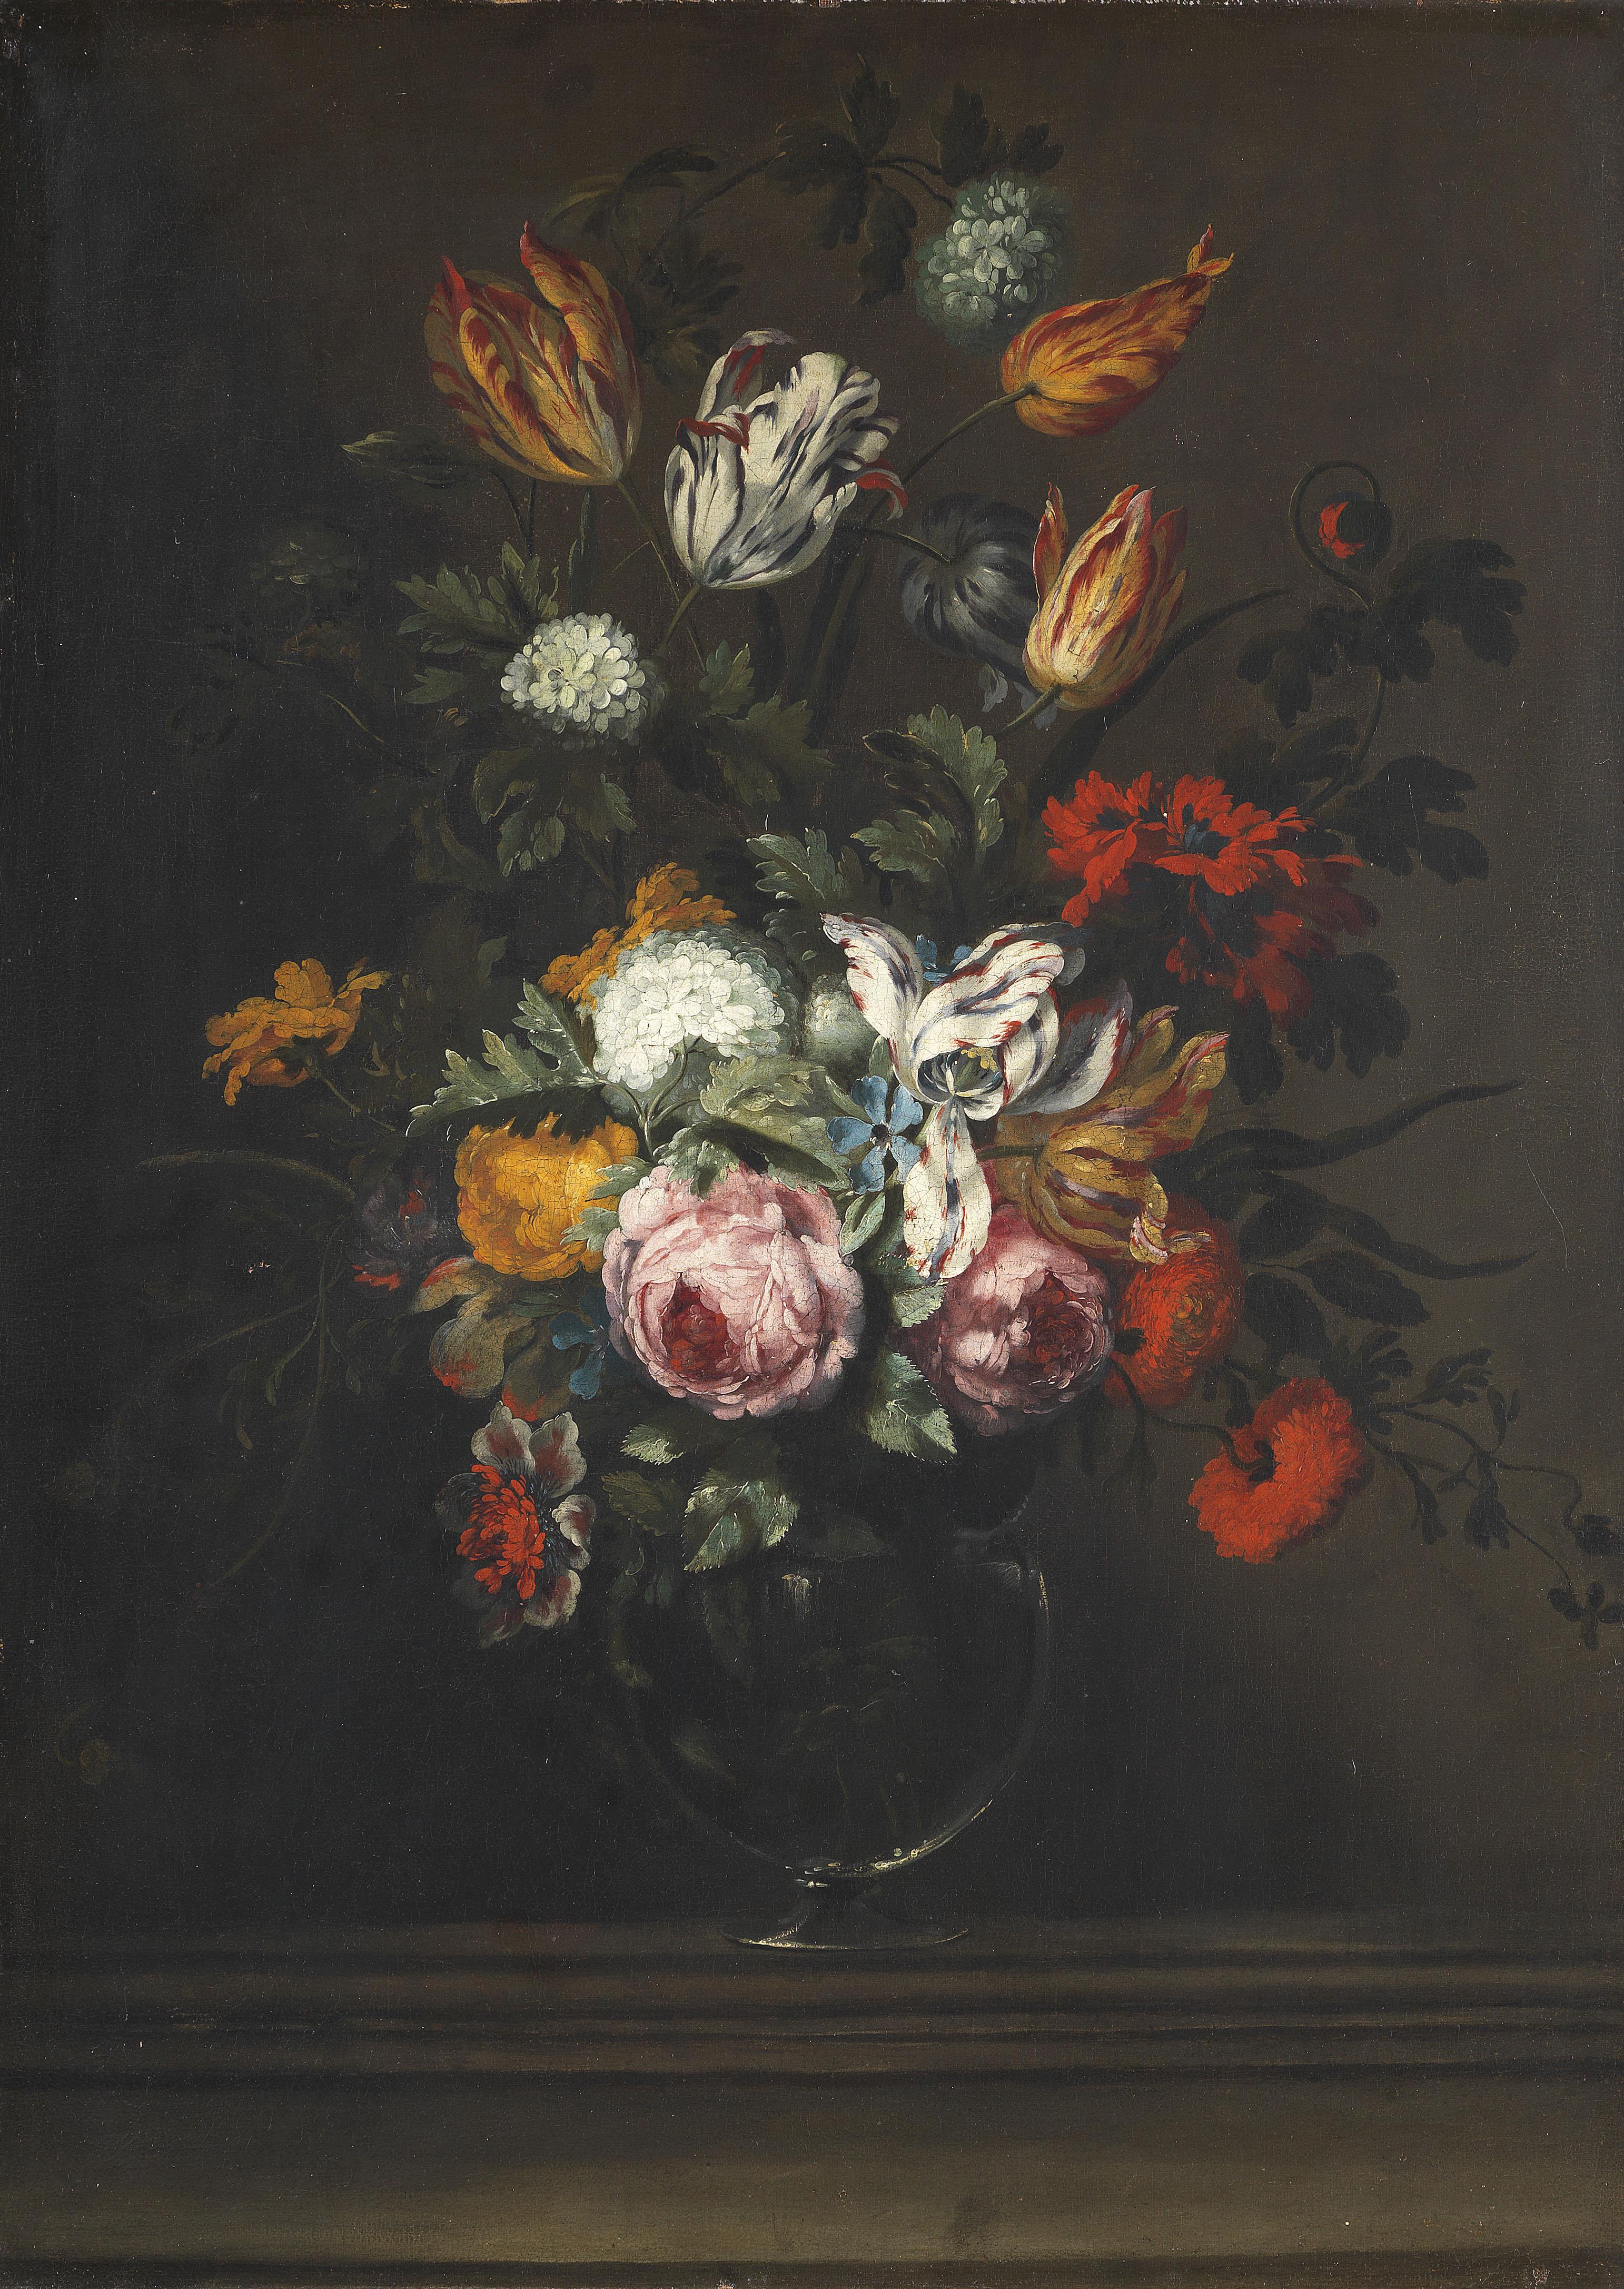 Artykwariat,  Jan Pieter BRUEGHEL [1628-1684] Martwa natura z różami i tulipanami na kamiennym cokole, 1655 - 1670 , olej na płótnie, 79,5 x 75,5 cm